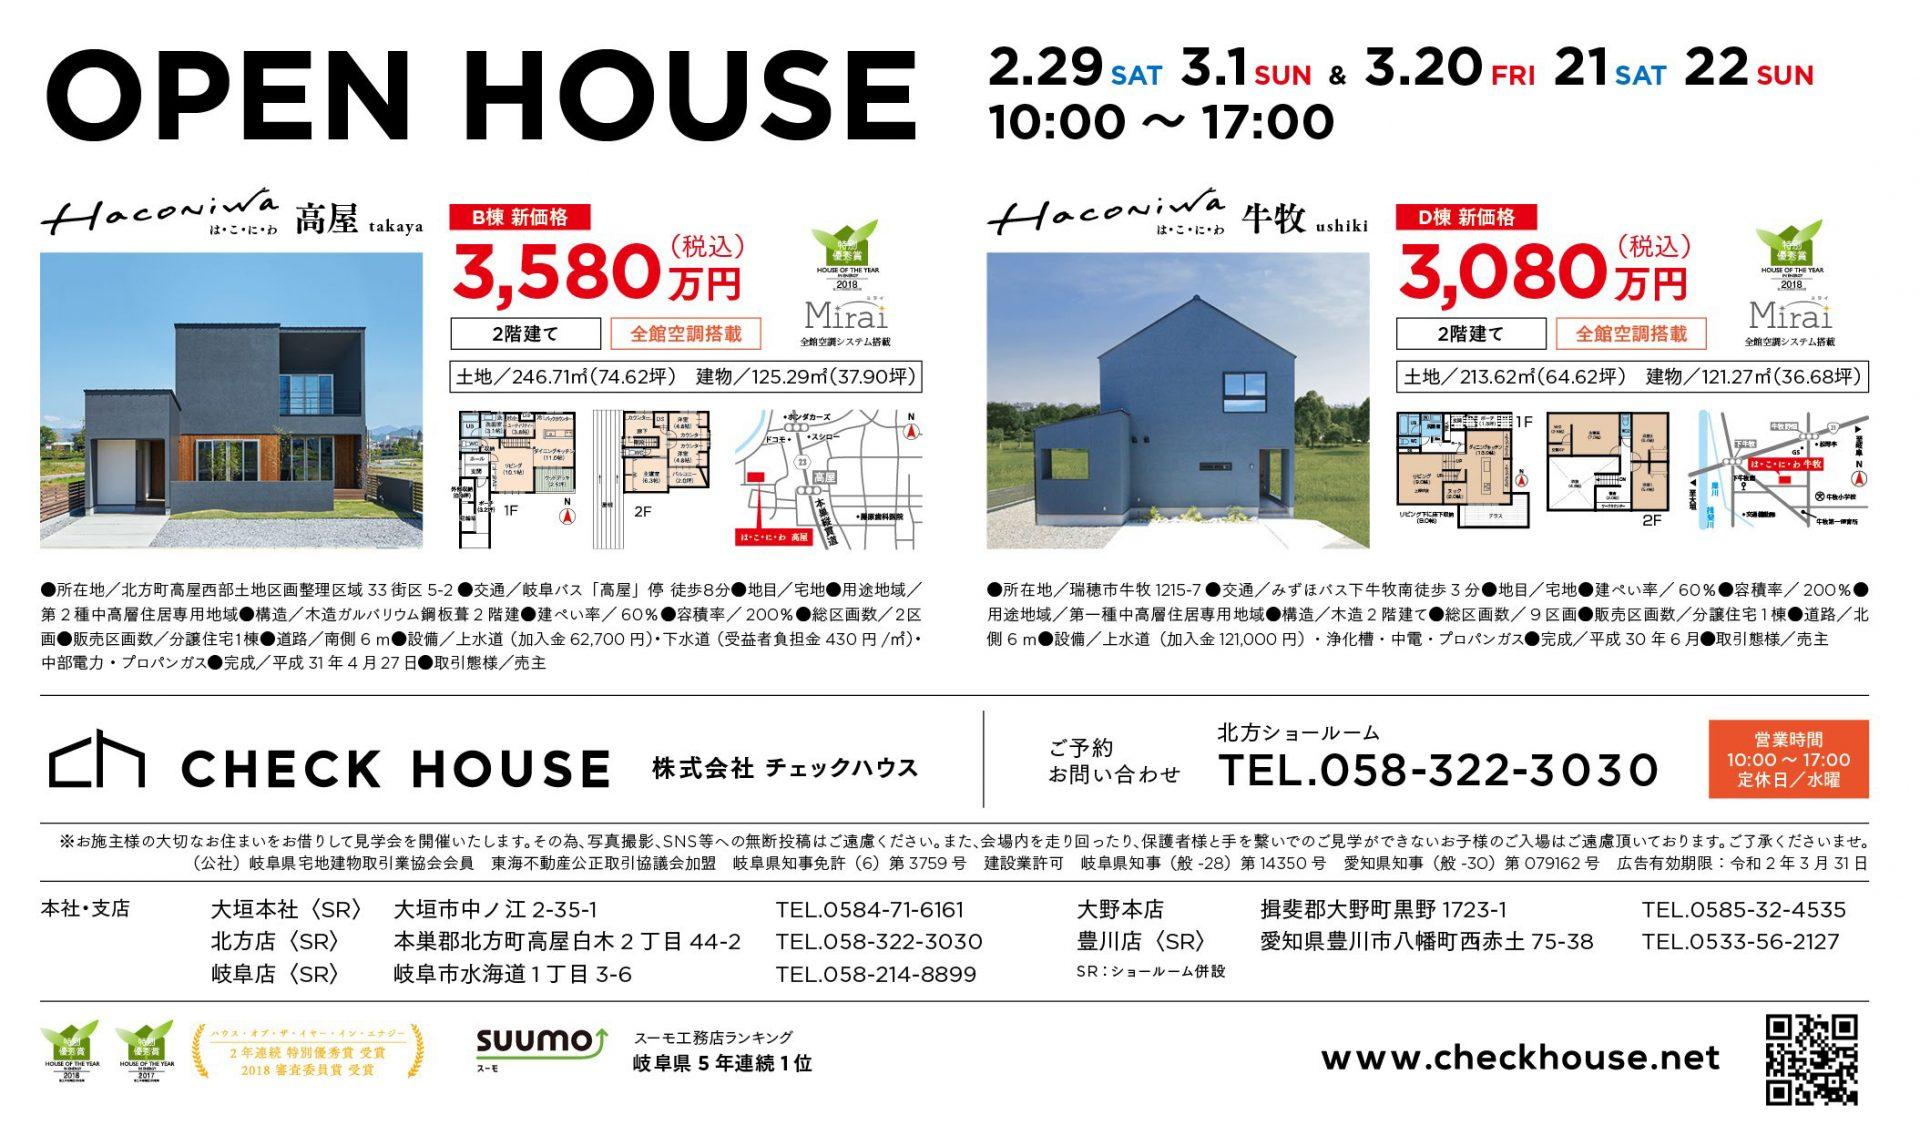 開催OPENHOUSE & BLIMK(ブリンク)モデルハウス見学会 <2/29-3/1,3/20-22>